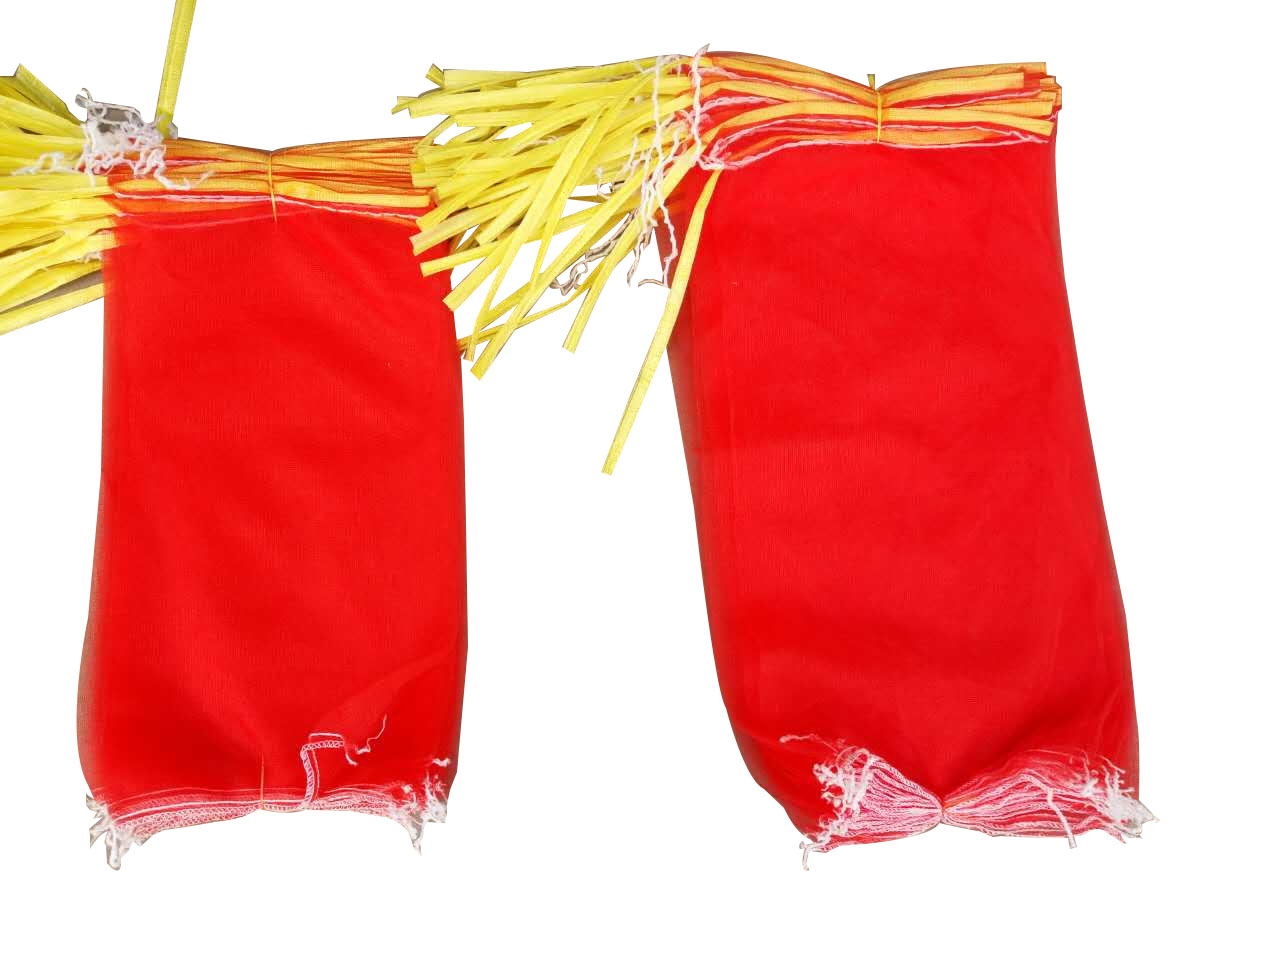 洋葱专用网袋